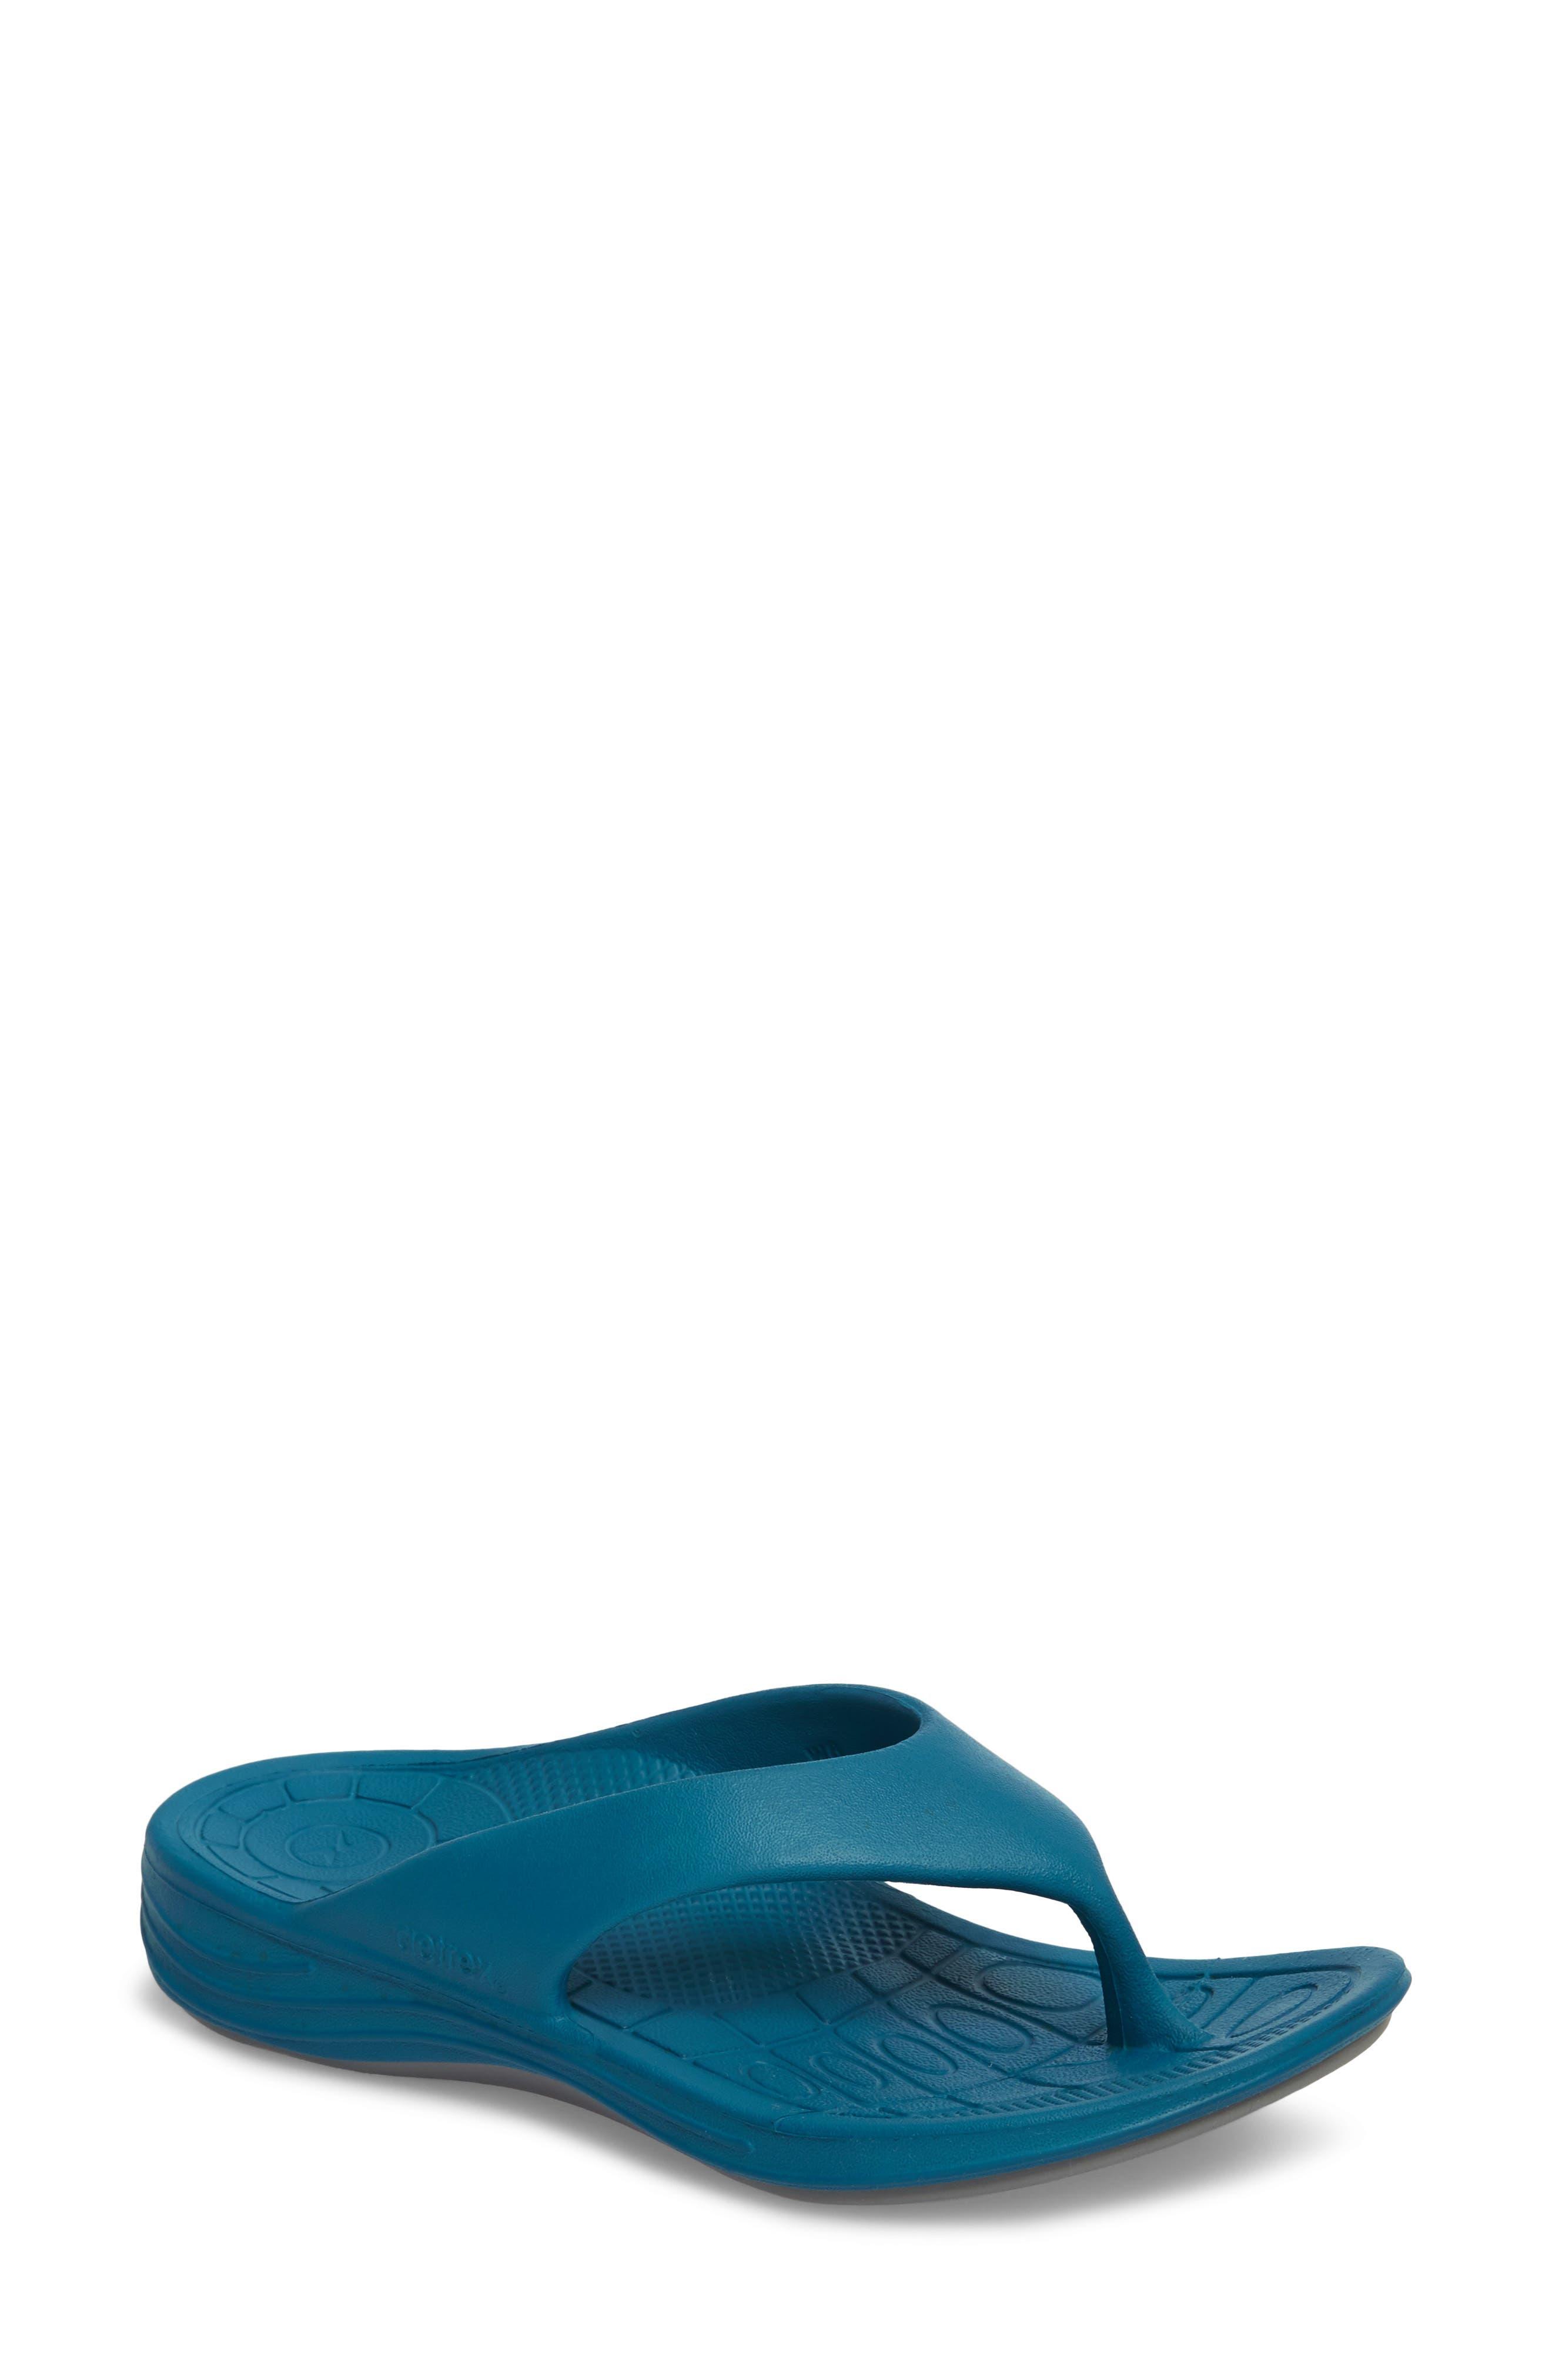 Lynco Flip Flop,                         Main,                         color, Blue